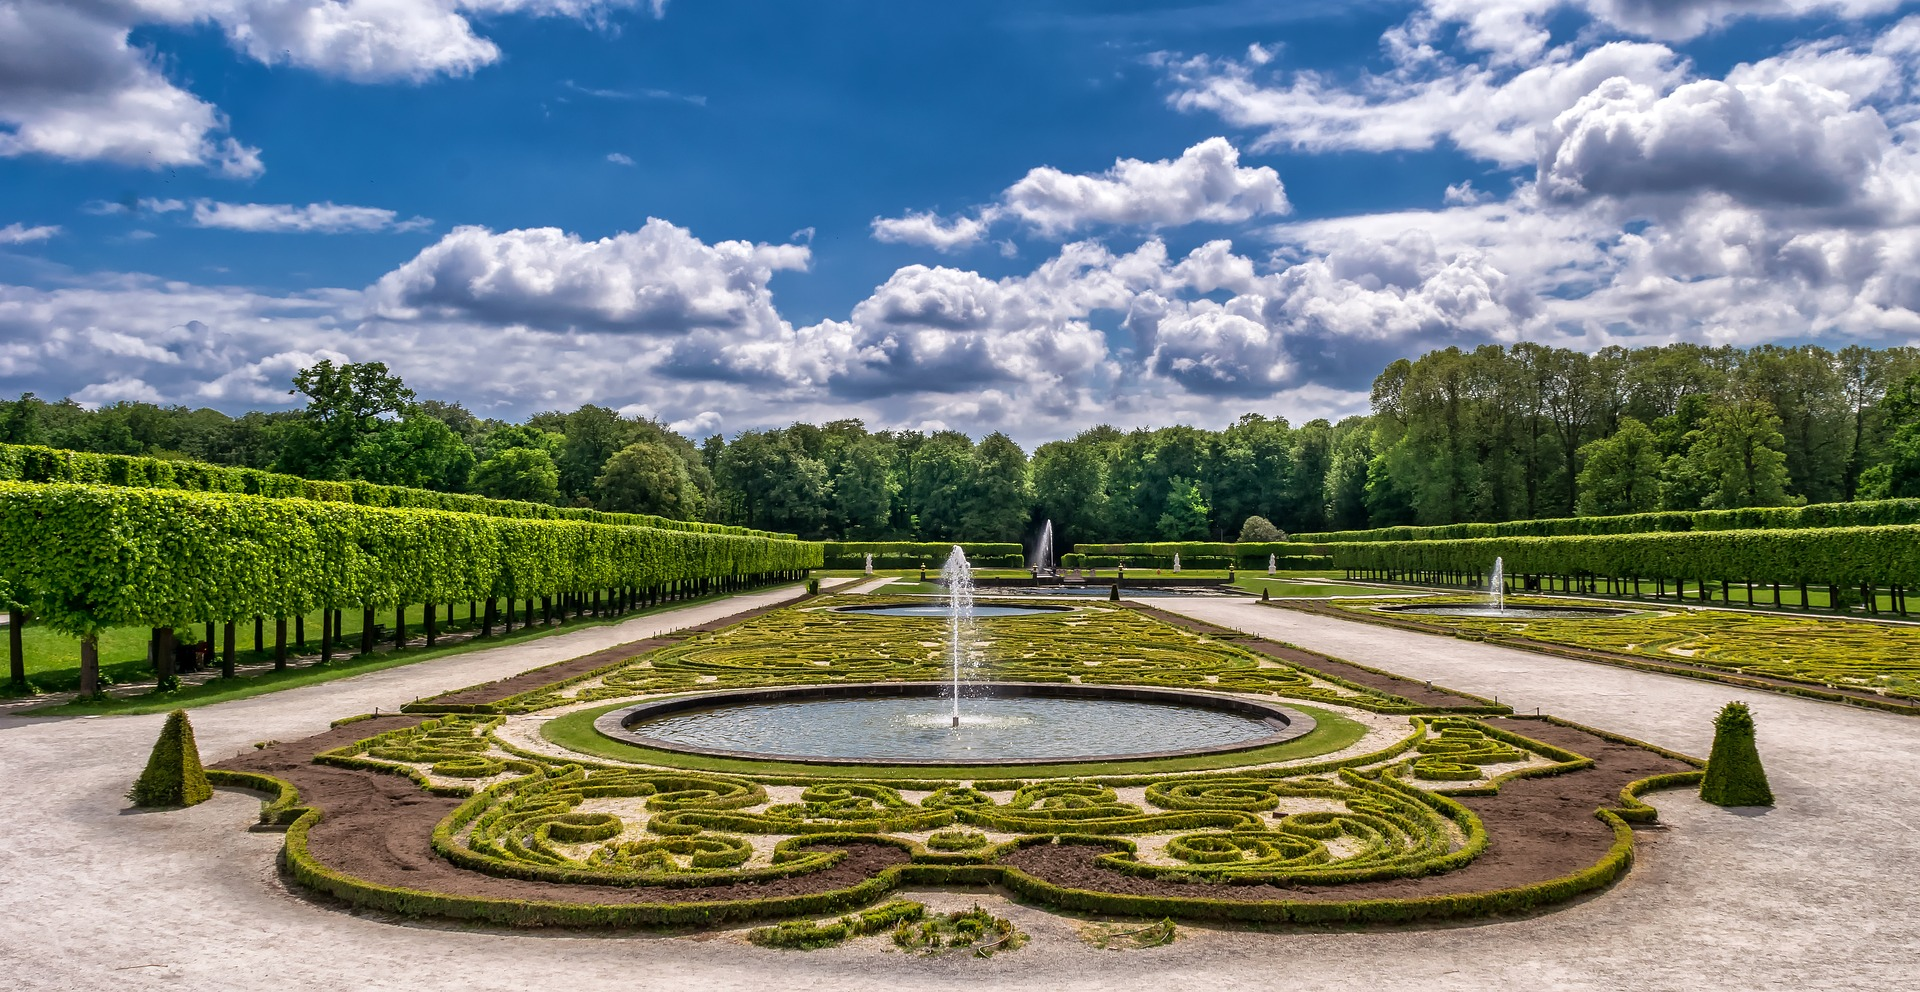 Jak założyć ogród angielski – rośliny, opis i przykłady